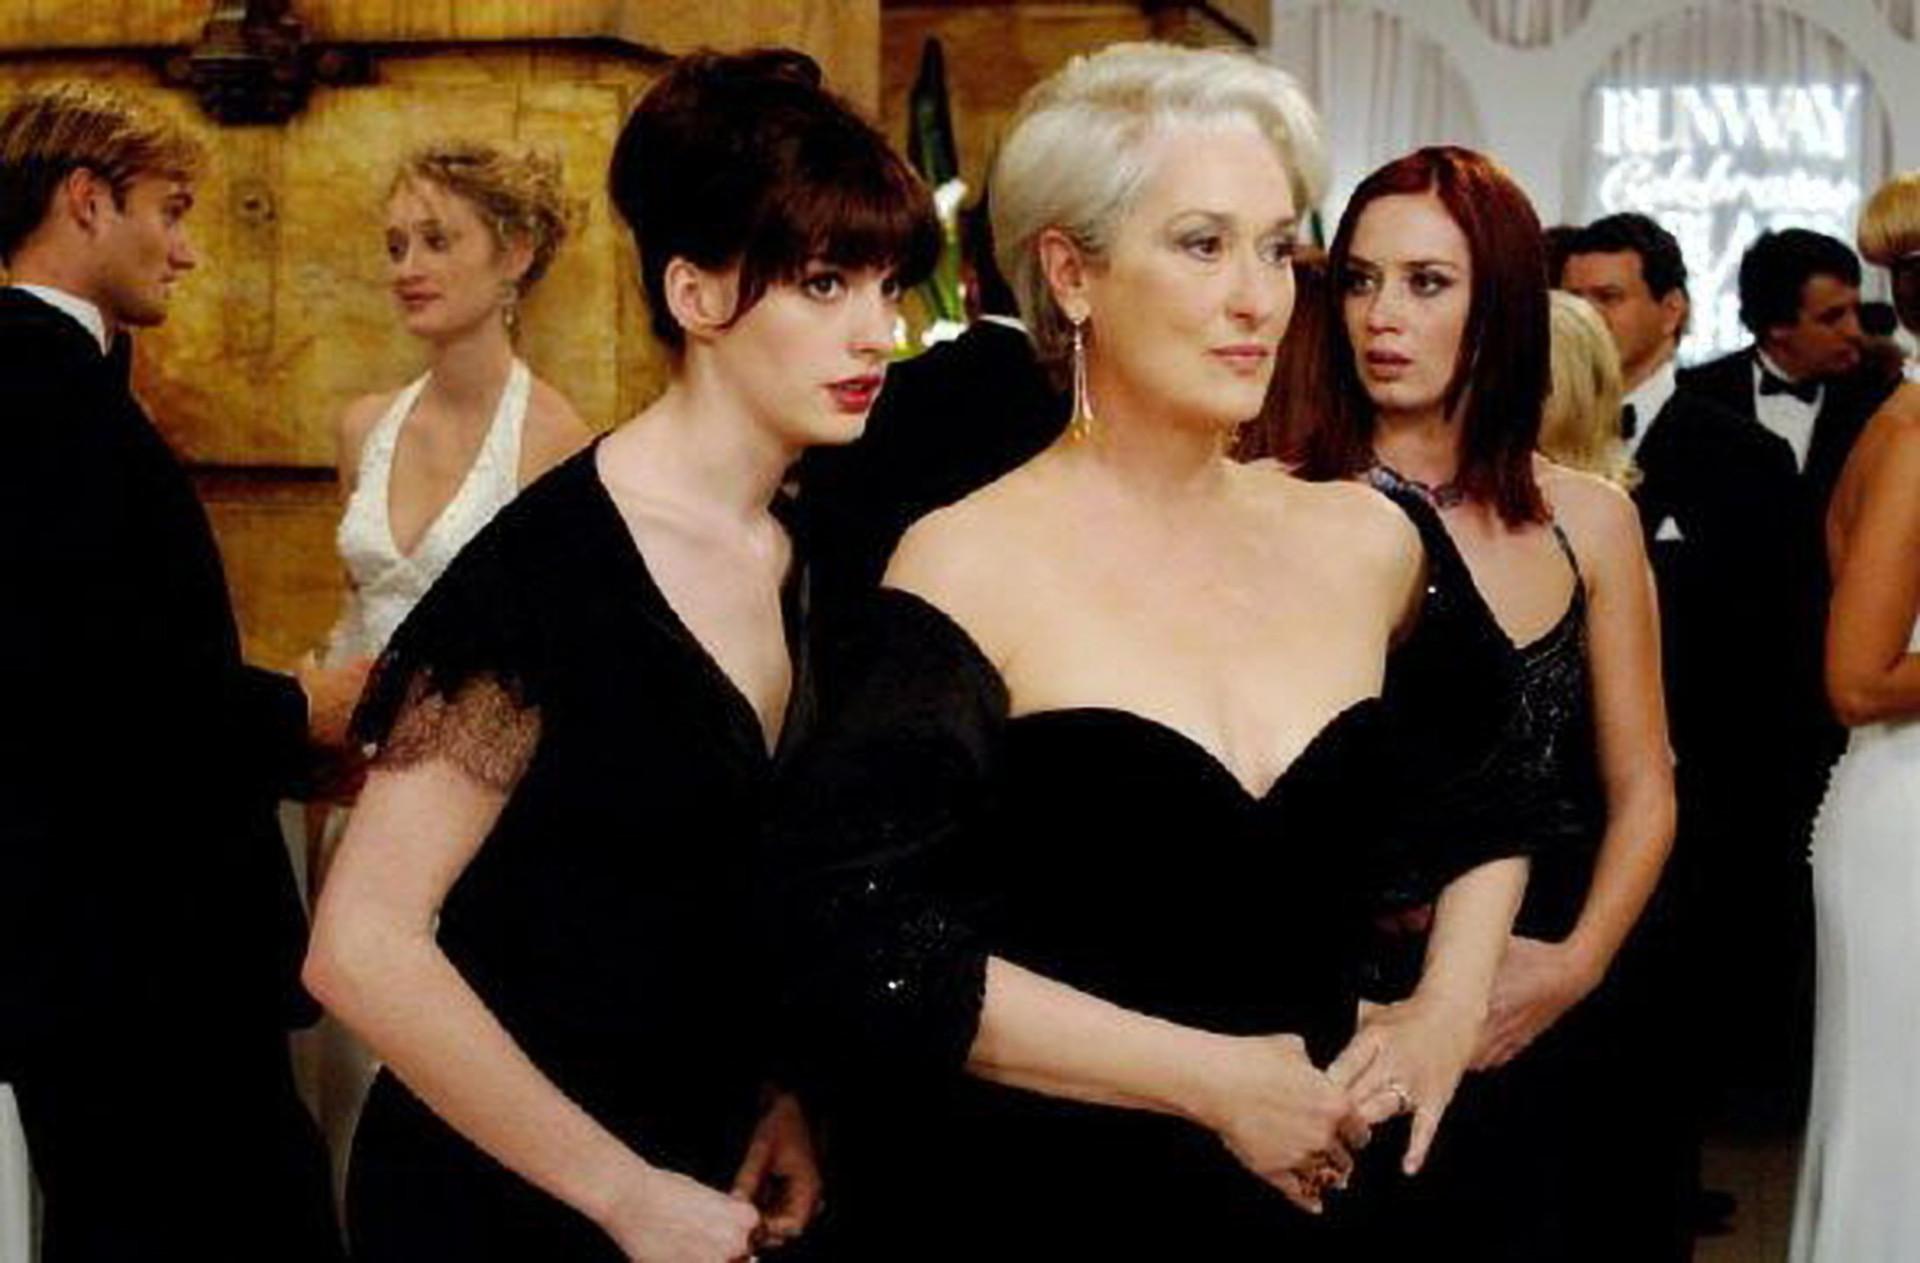 Crítica: o melhor e o pior da carreira de Meryl Streep